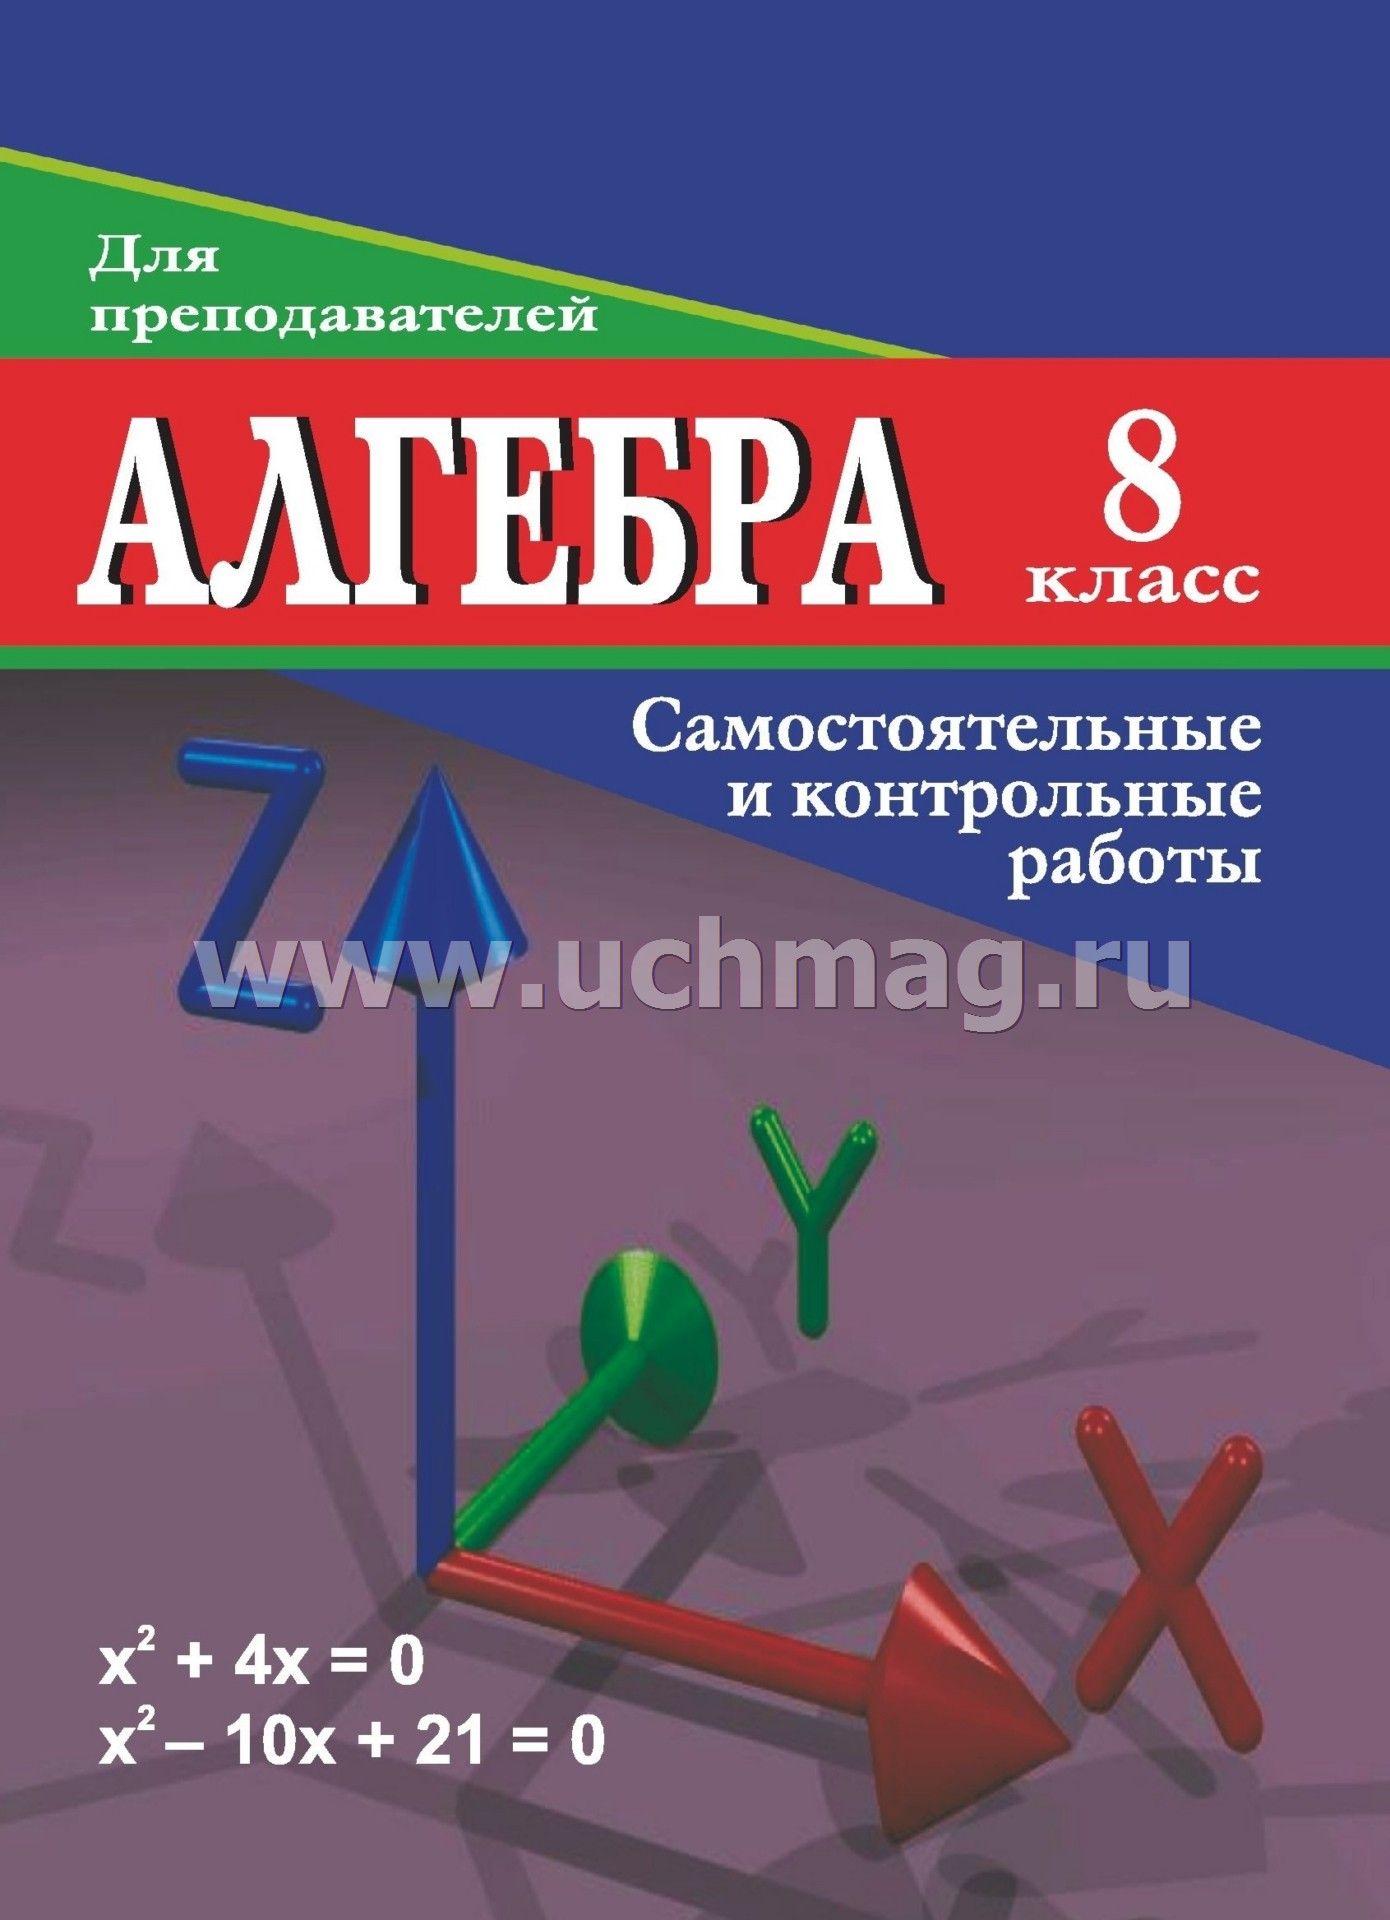 Алгебра класс самостоятельные и контрольные работы купить в  Алгебра 8 класс самостоятельные и контрольные работы интернет магазин УчМаг